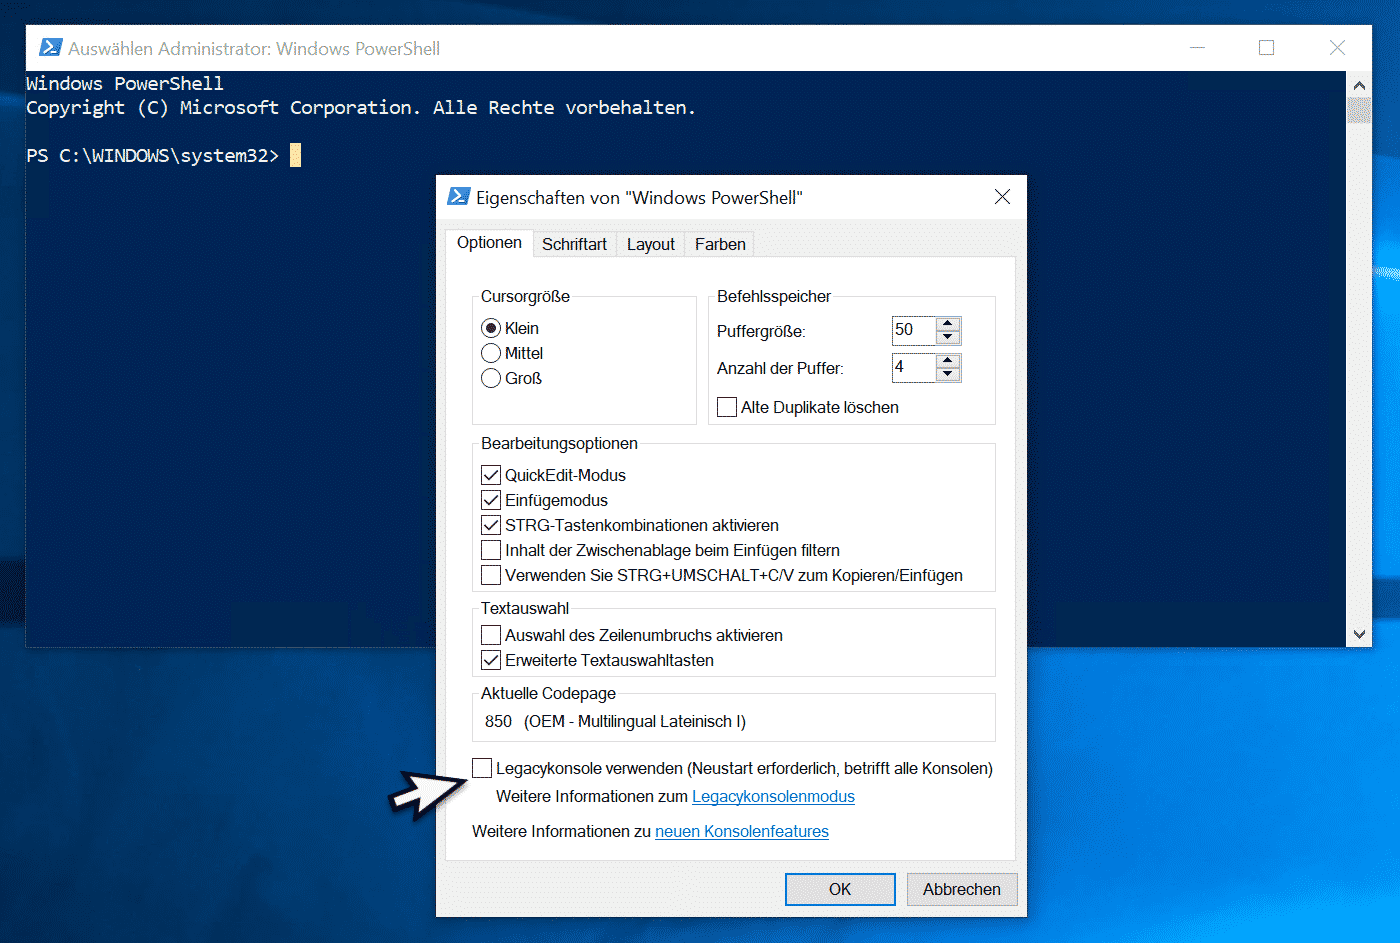 Legacykonsole deaktiviert PowerShell Konsole